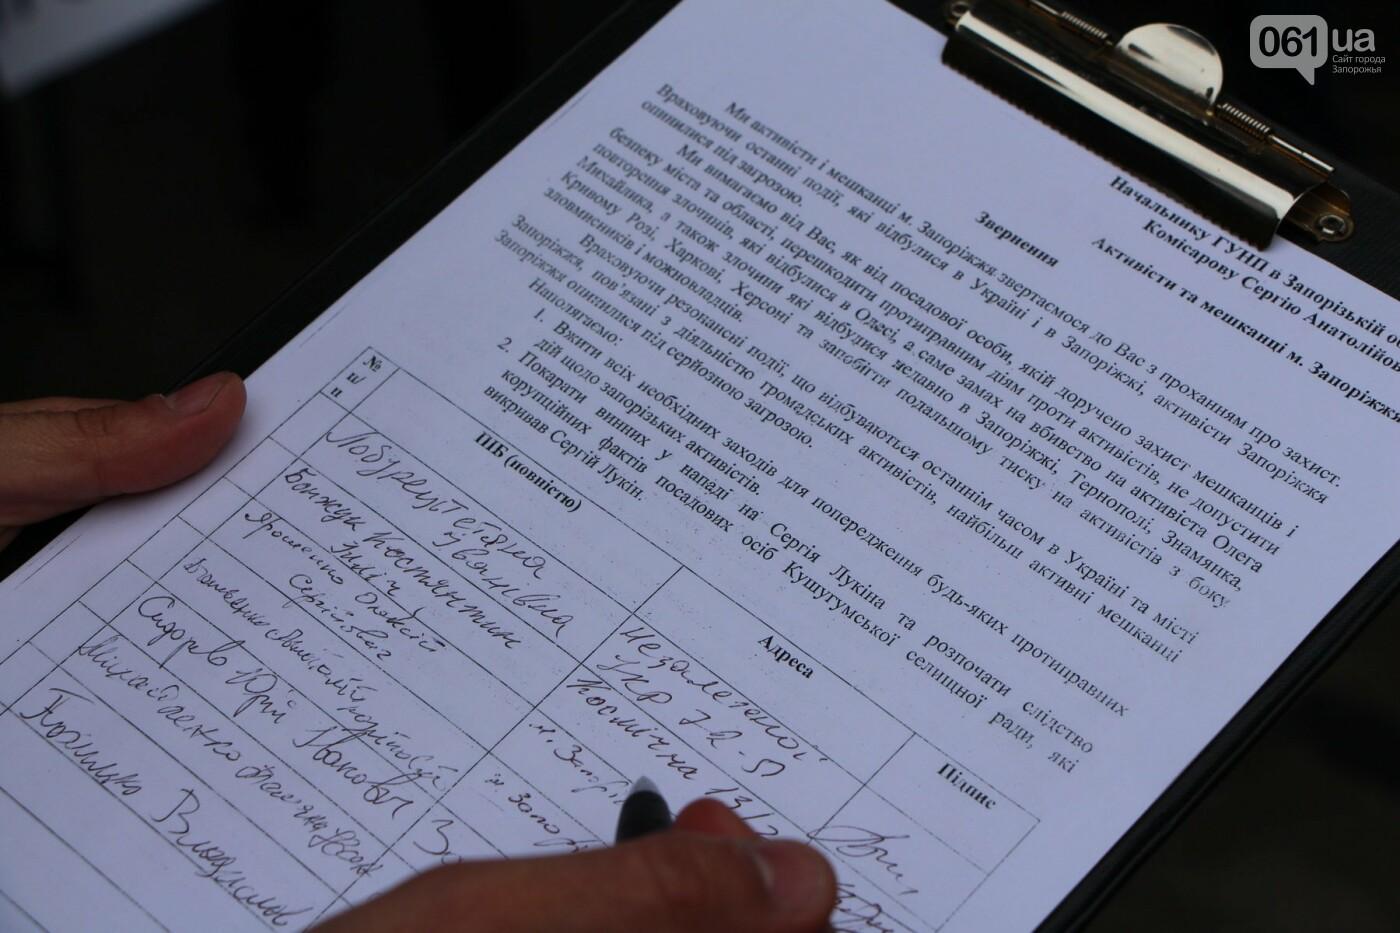 Активисты под прицелом: в Запорожье под зданием Нацполиции митинговали за расследование преступлений, - ФОТОРЕПОРТАЖ, фото-9